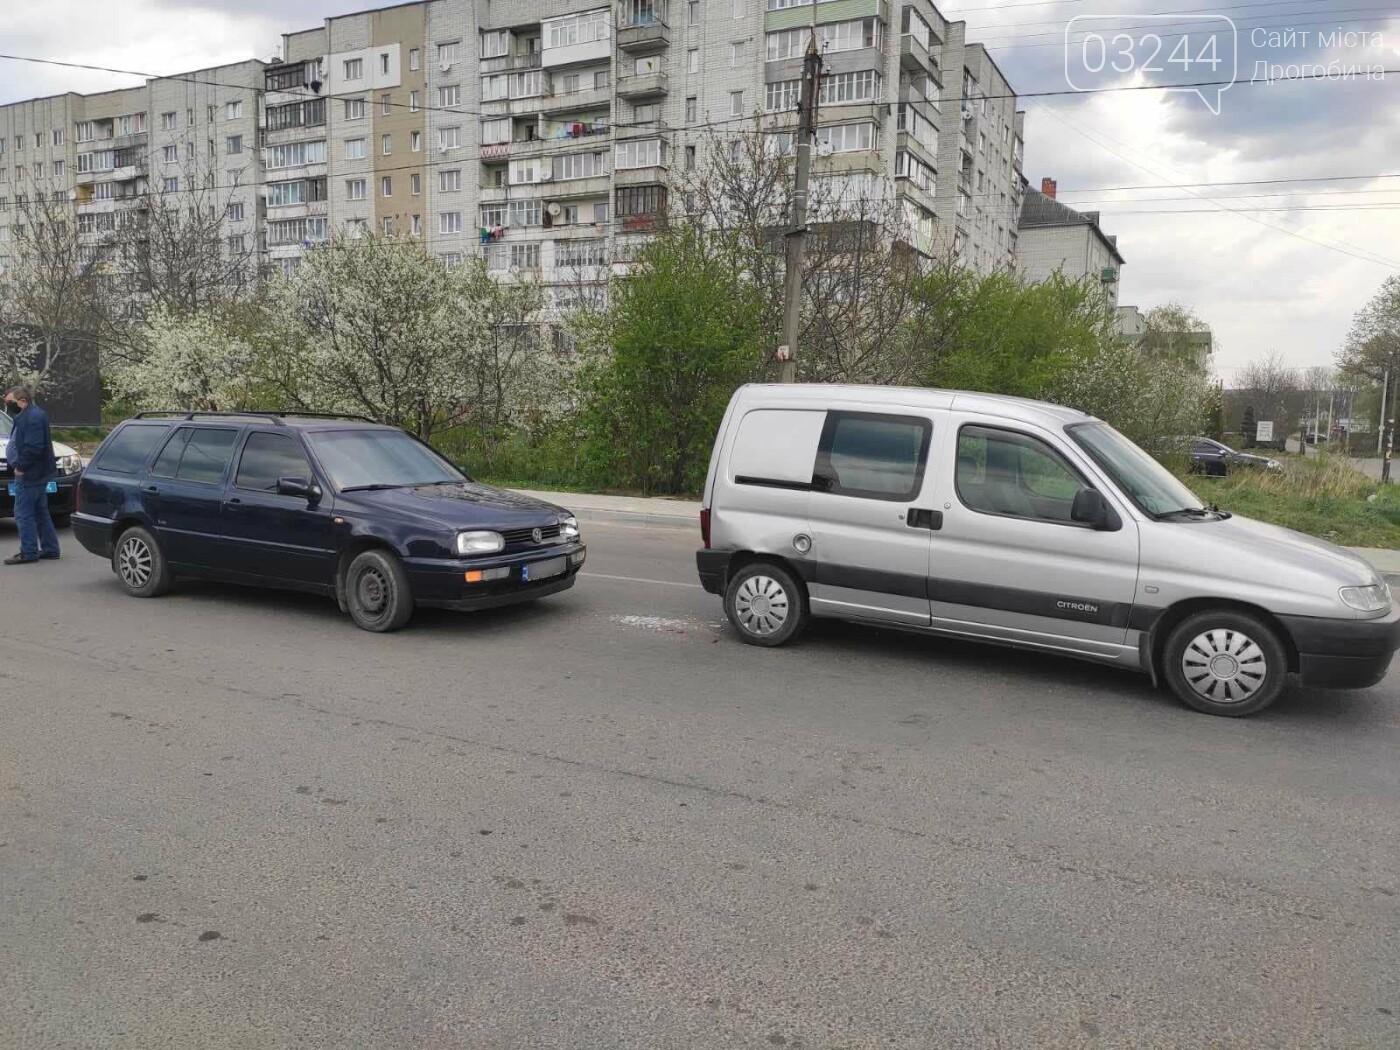 ДТП на вулиці Самбірській у Дрогобичі, - ФОТО, фото-2